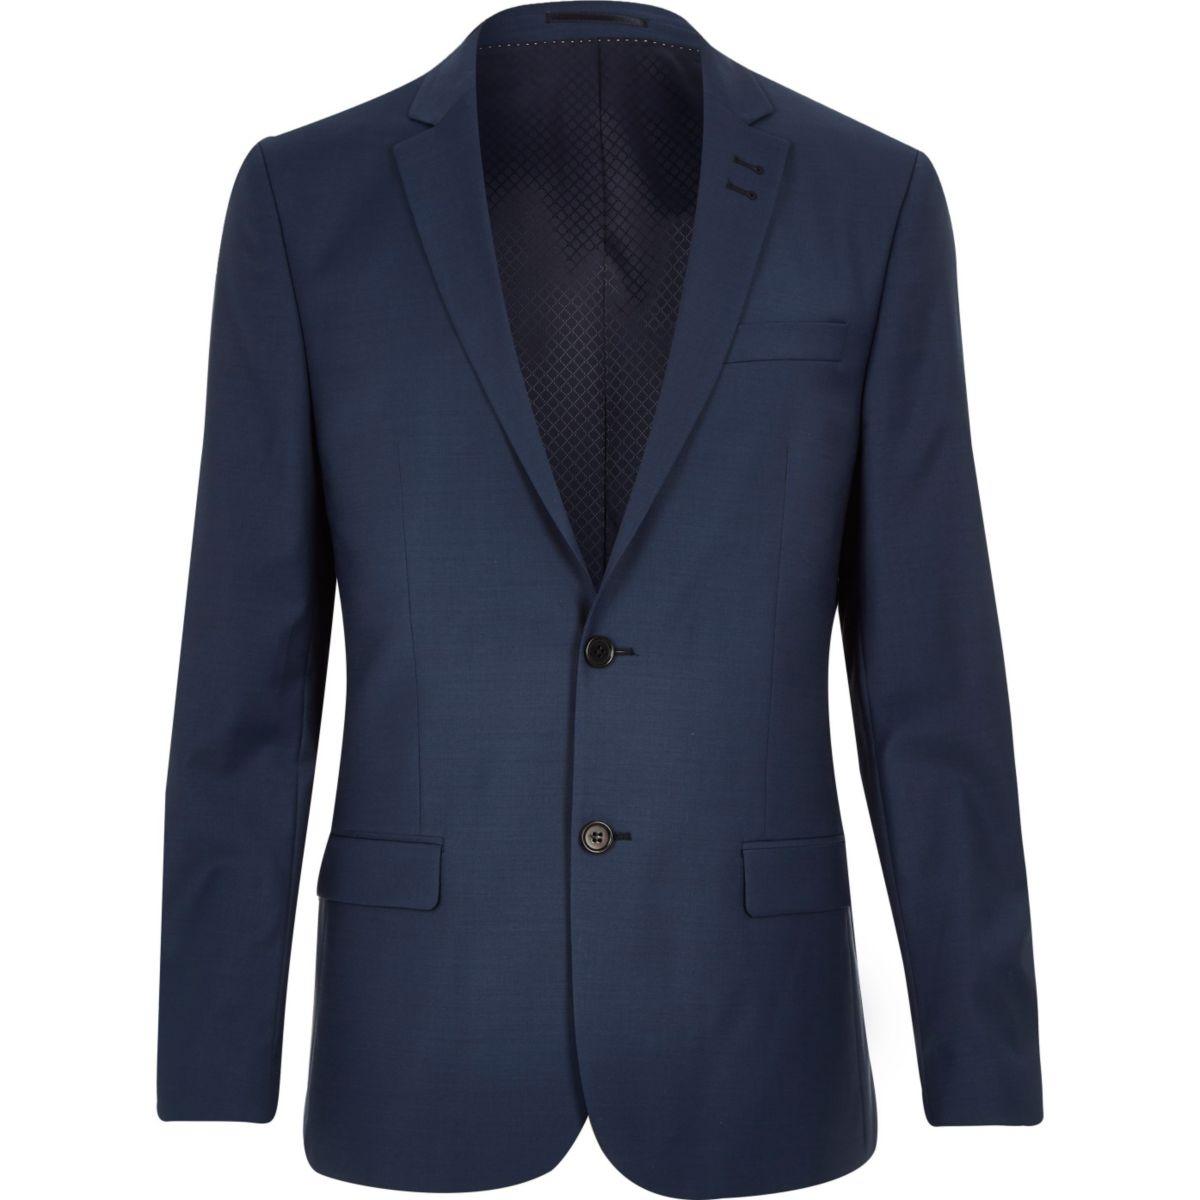 Blaue, schmale Anzugsjacke aus einer Wollmischung